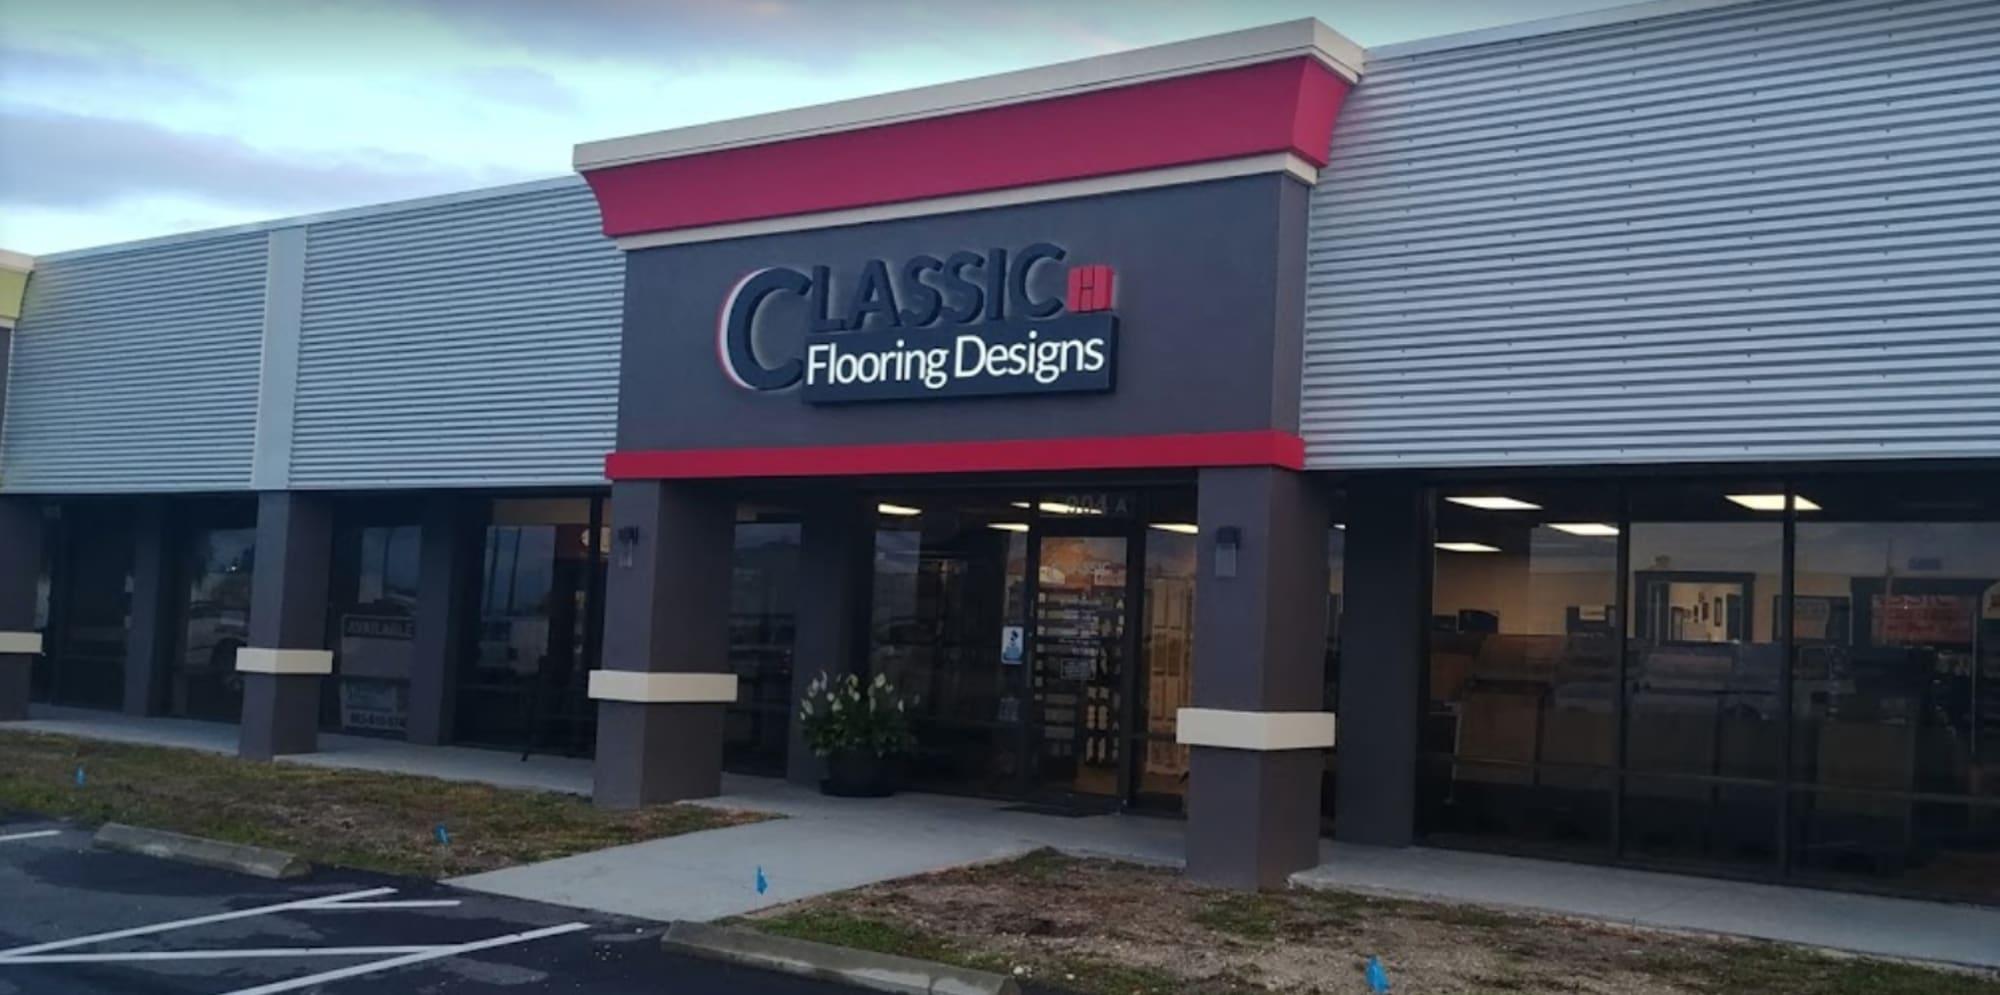 Classic Flooring Design - 904 Magnolia Ave Auburndale, FL 33823